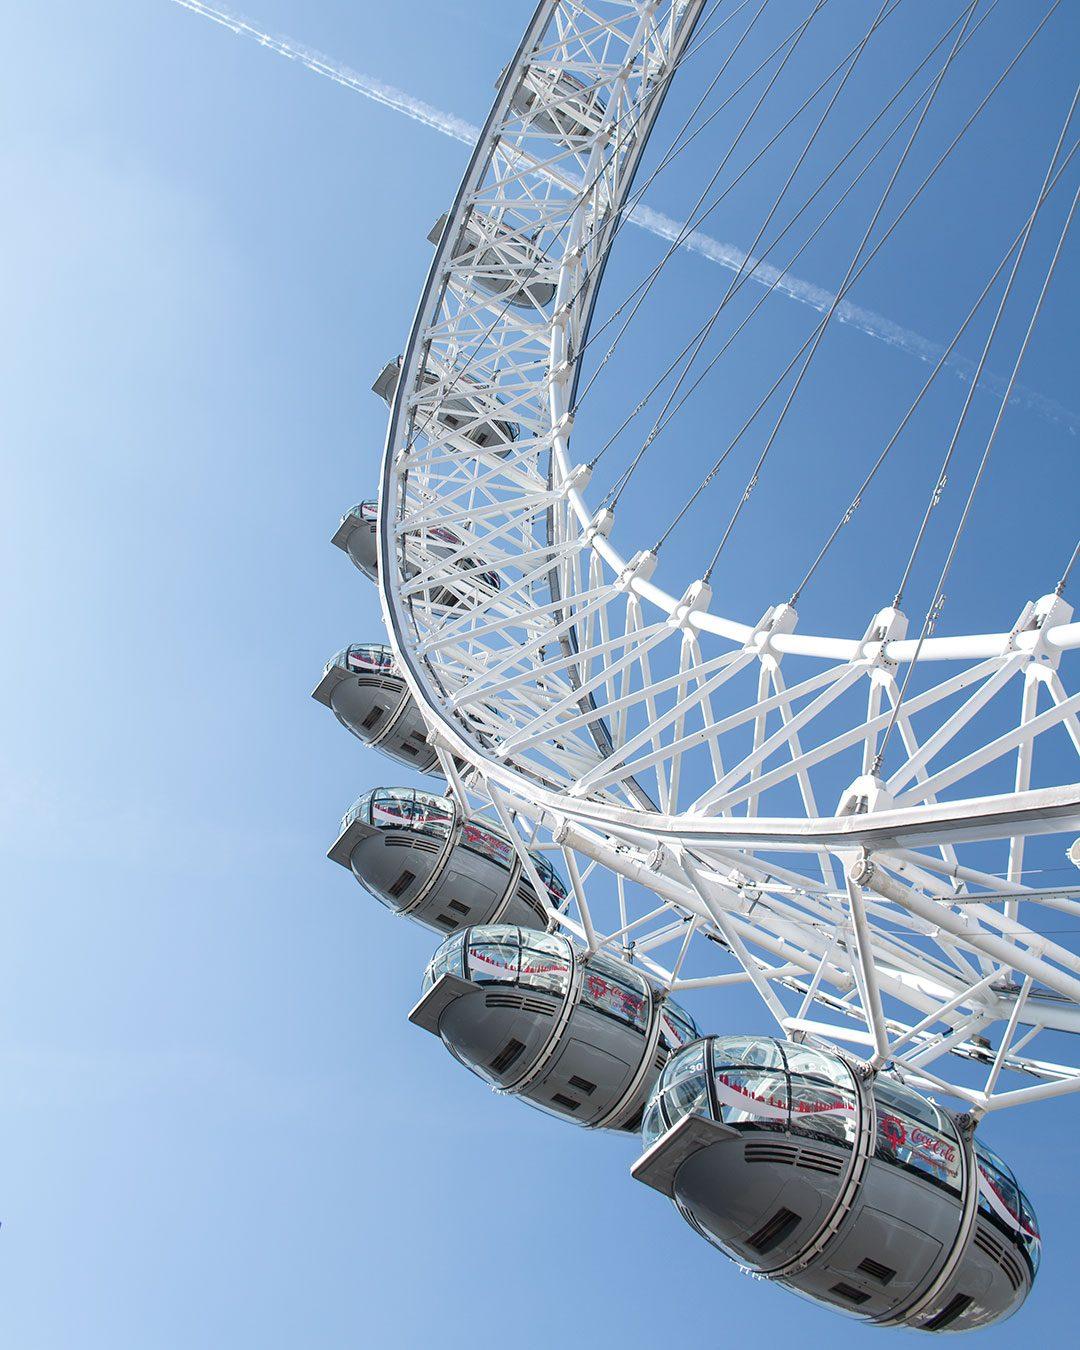 london-eye-londra-1